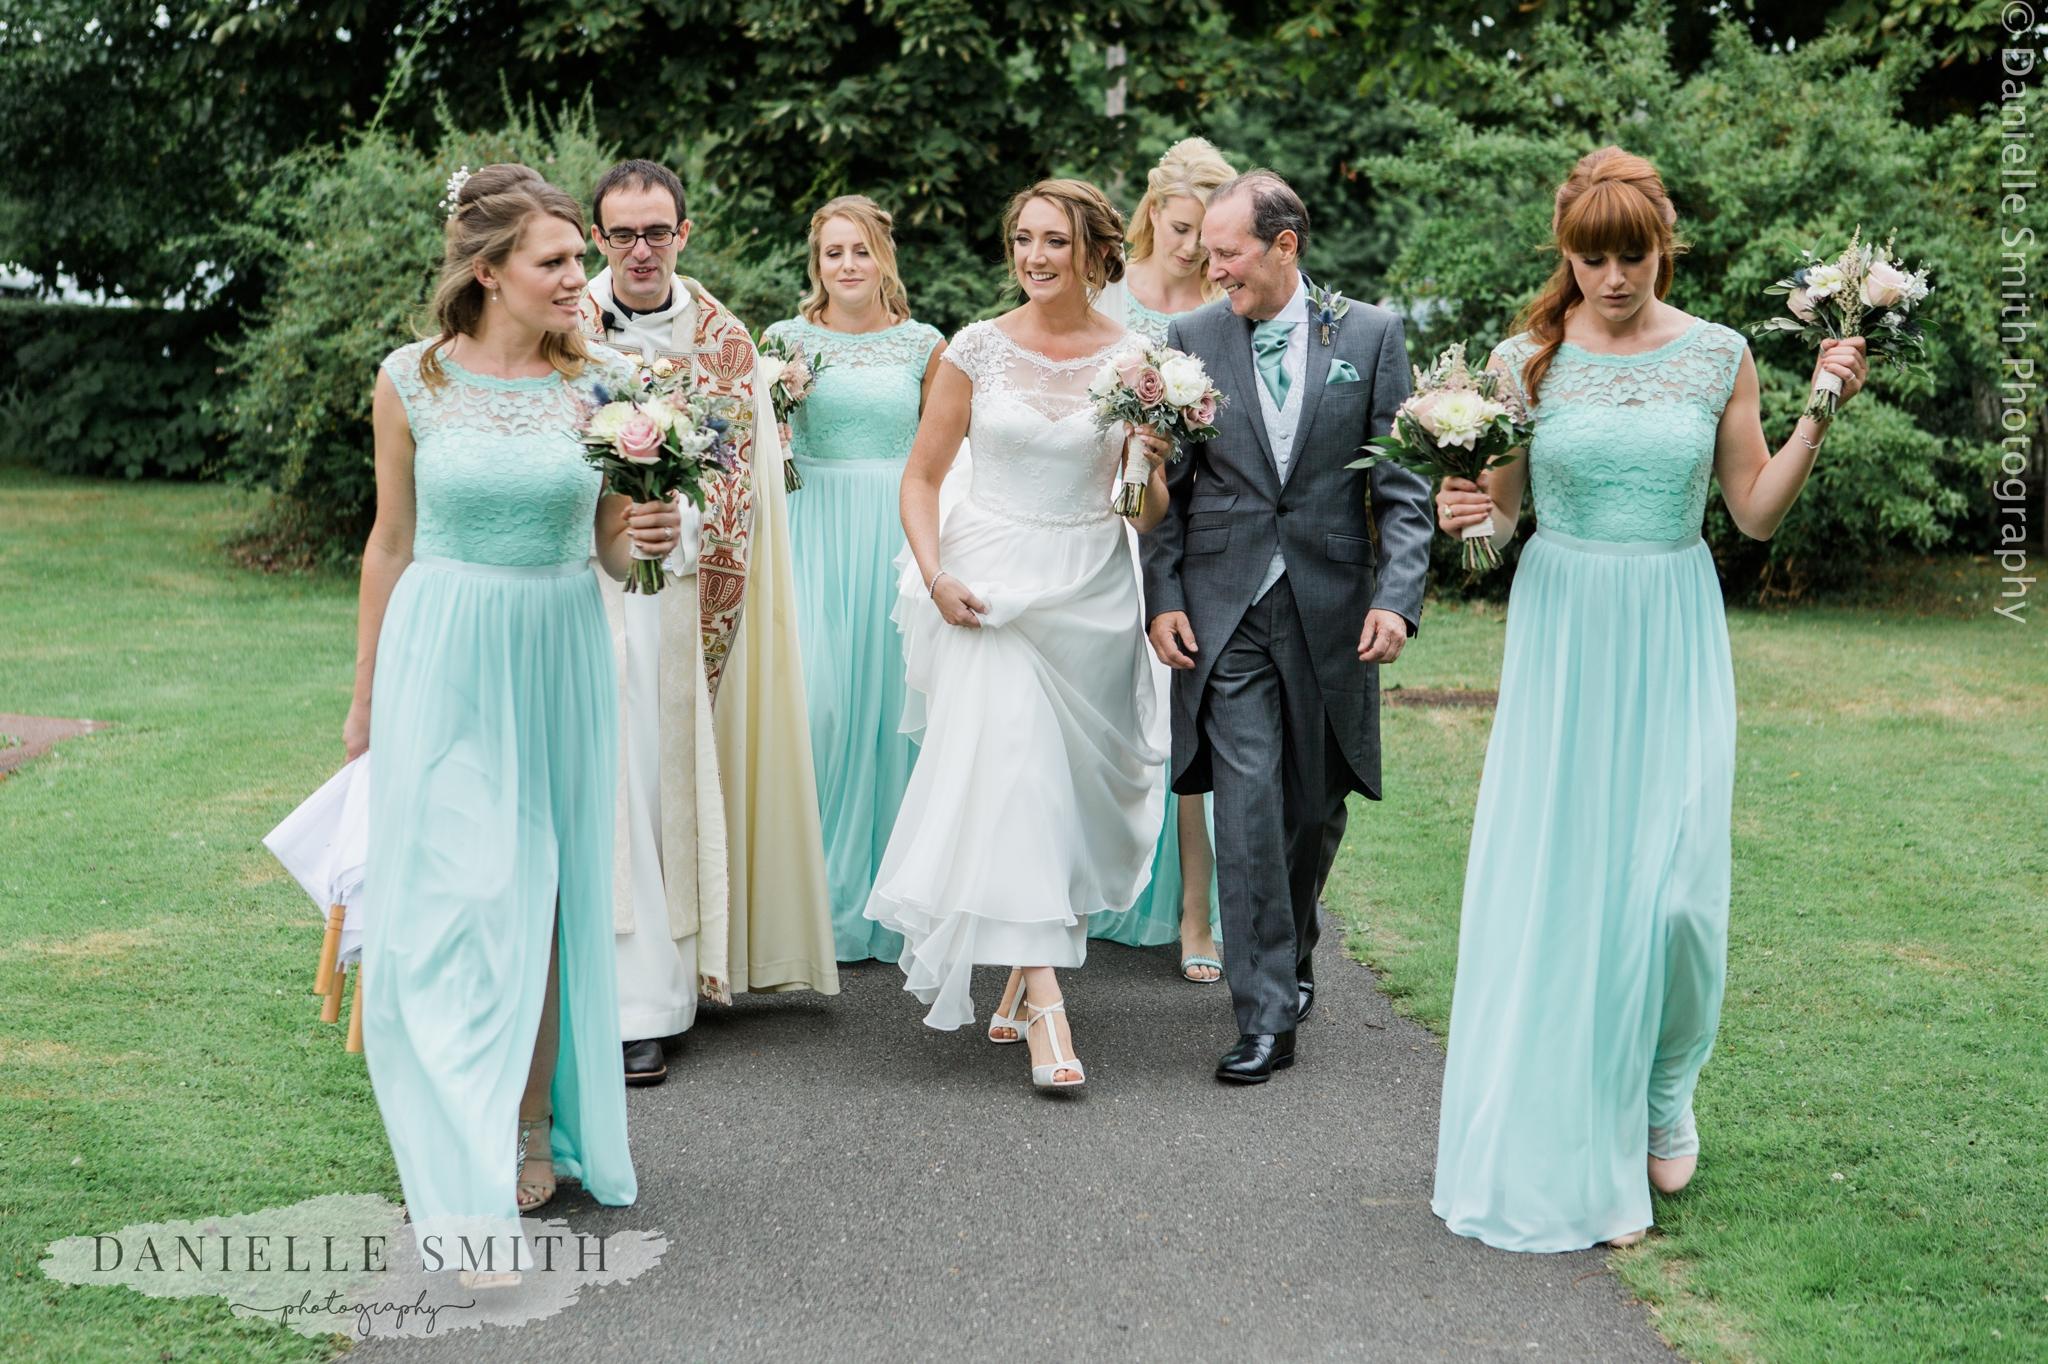 bride and bridesmaids walking to church